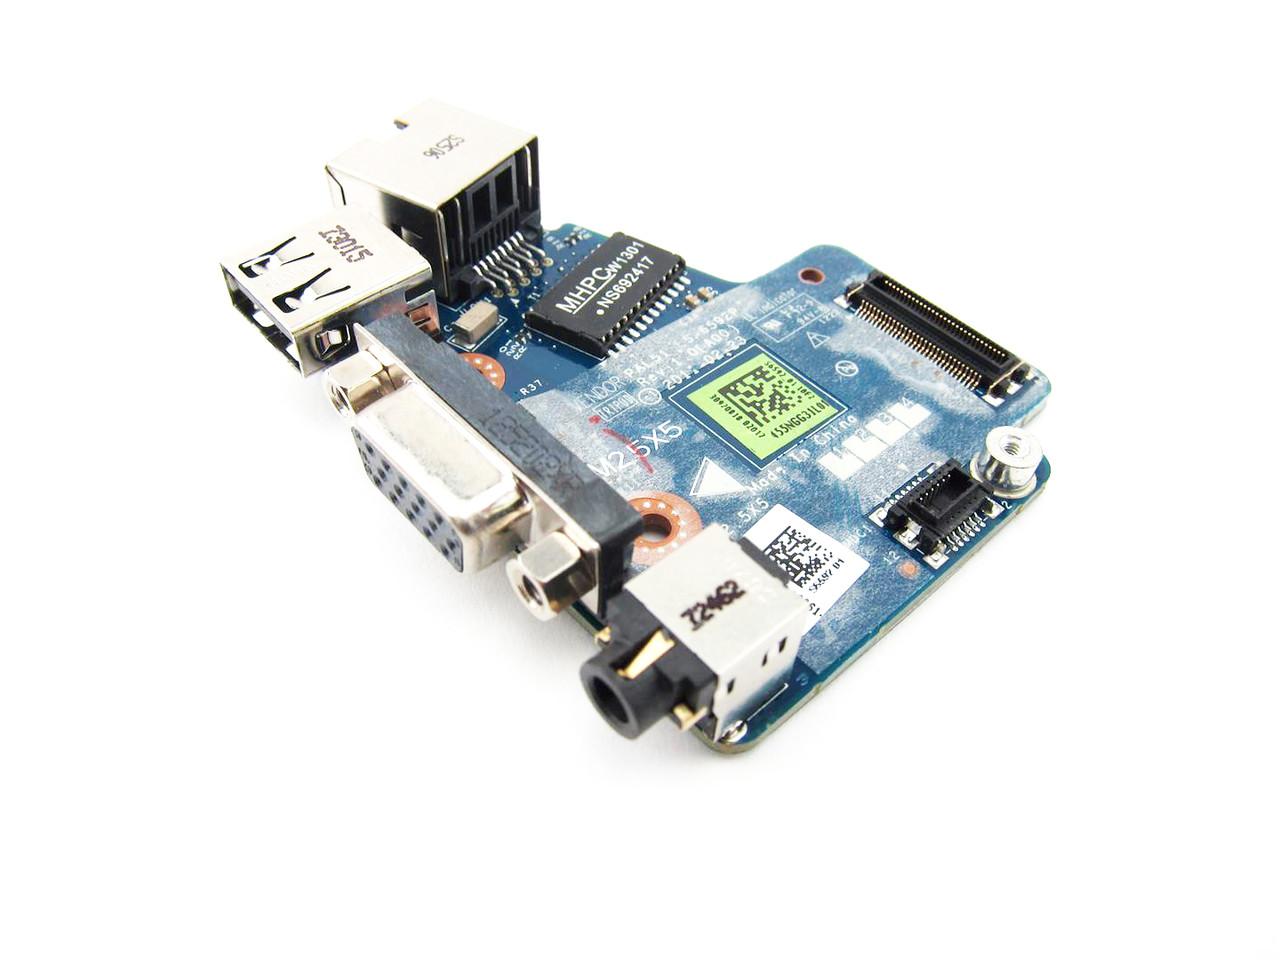 Dell Latitude E6420 Usb Vga Rj 45 Circuit Board Discrete Nvidia Video 3258h